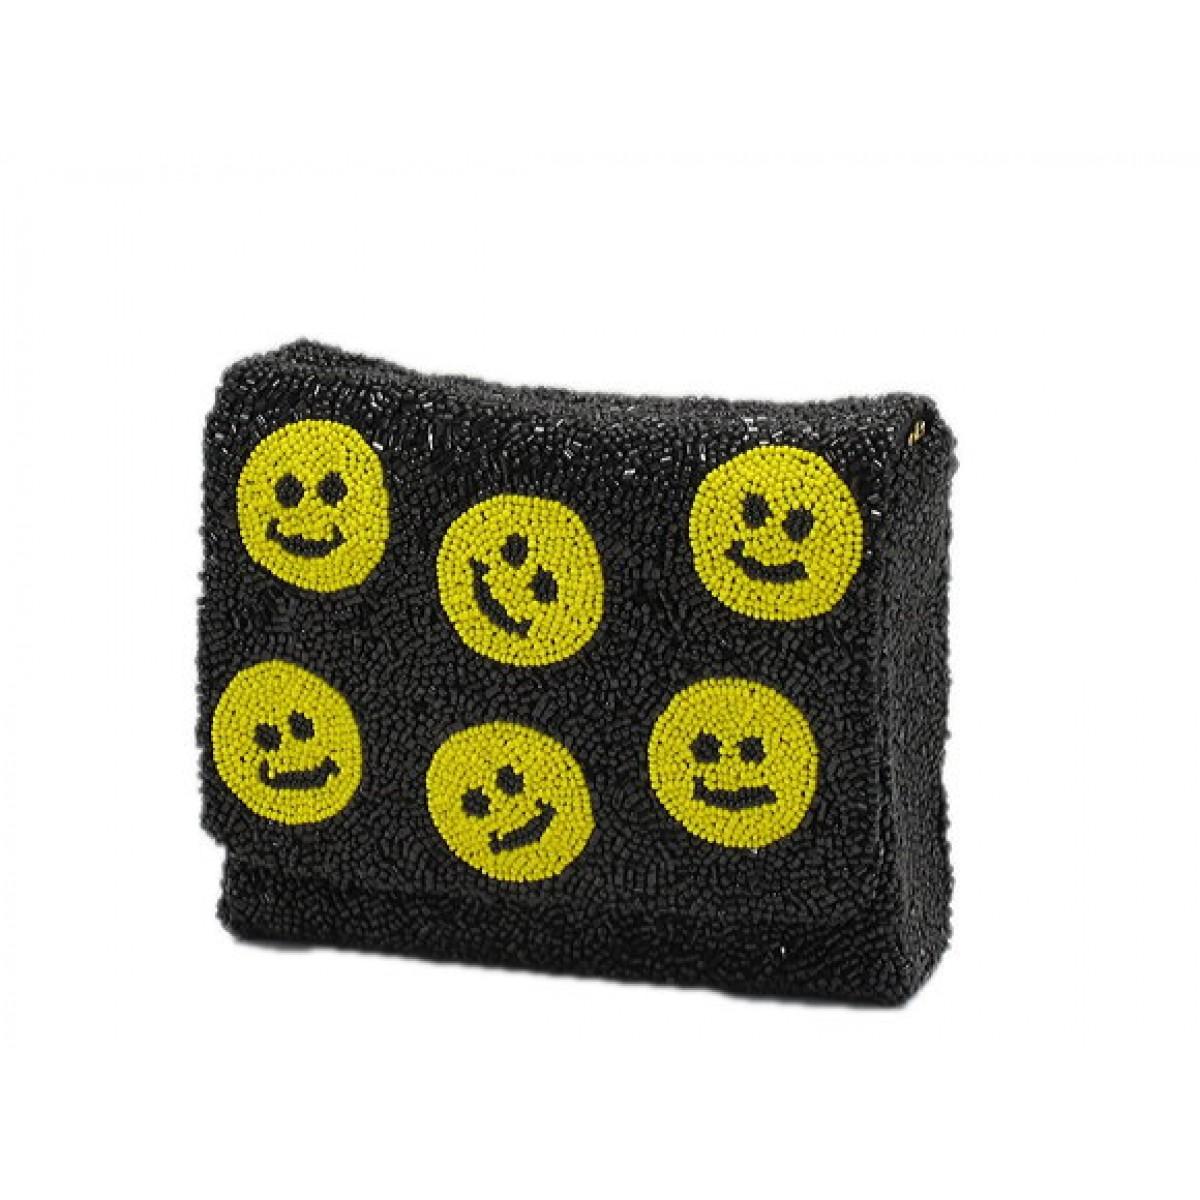 Soft Box Bag with Smileys